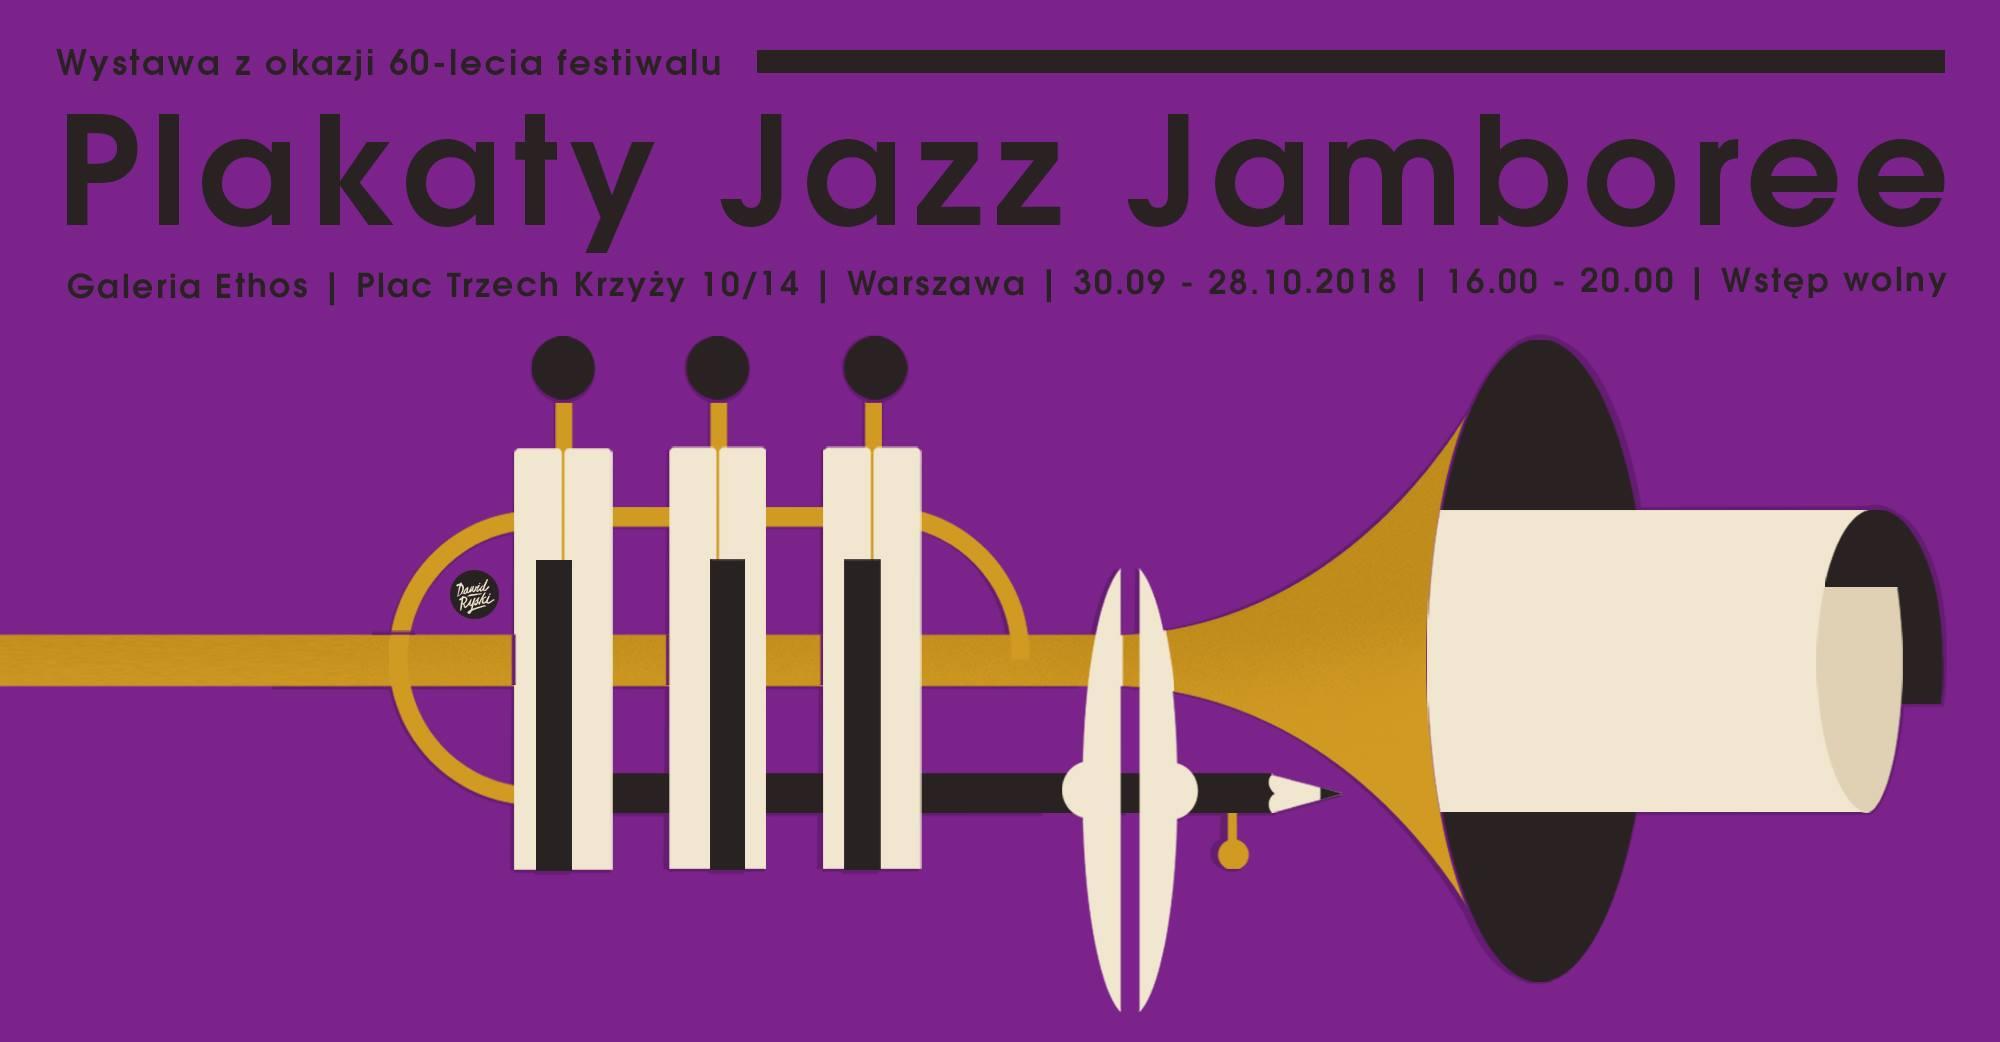 Plakaty Jazz Jamboree Na 60 Lecie Festiwalu Jazz Forum